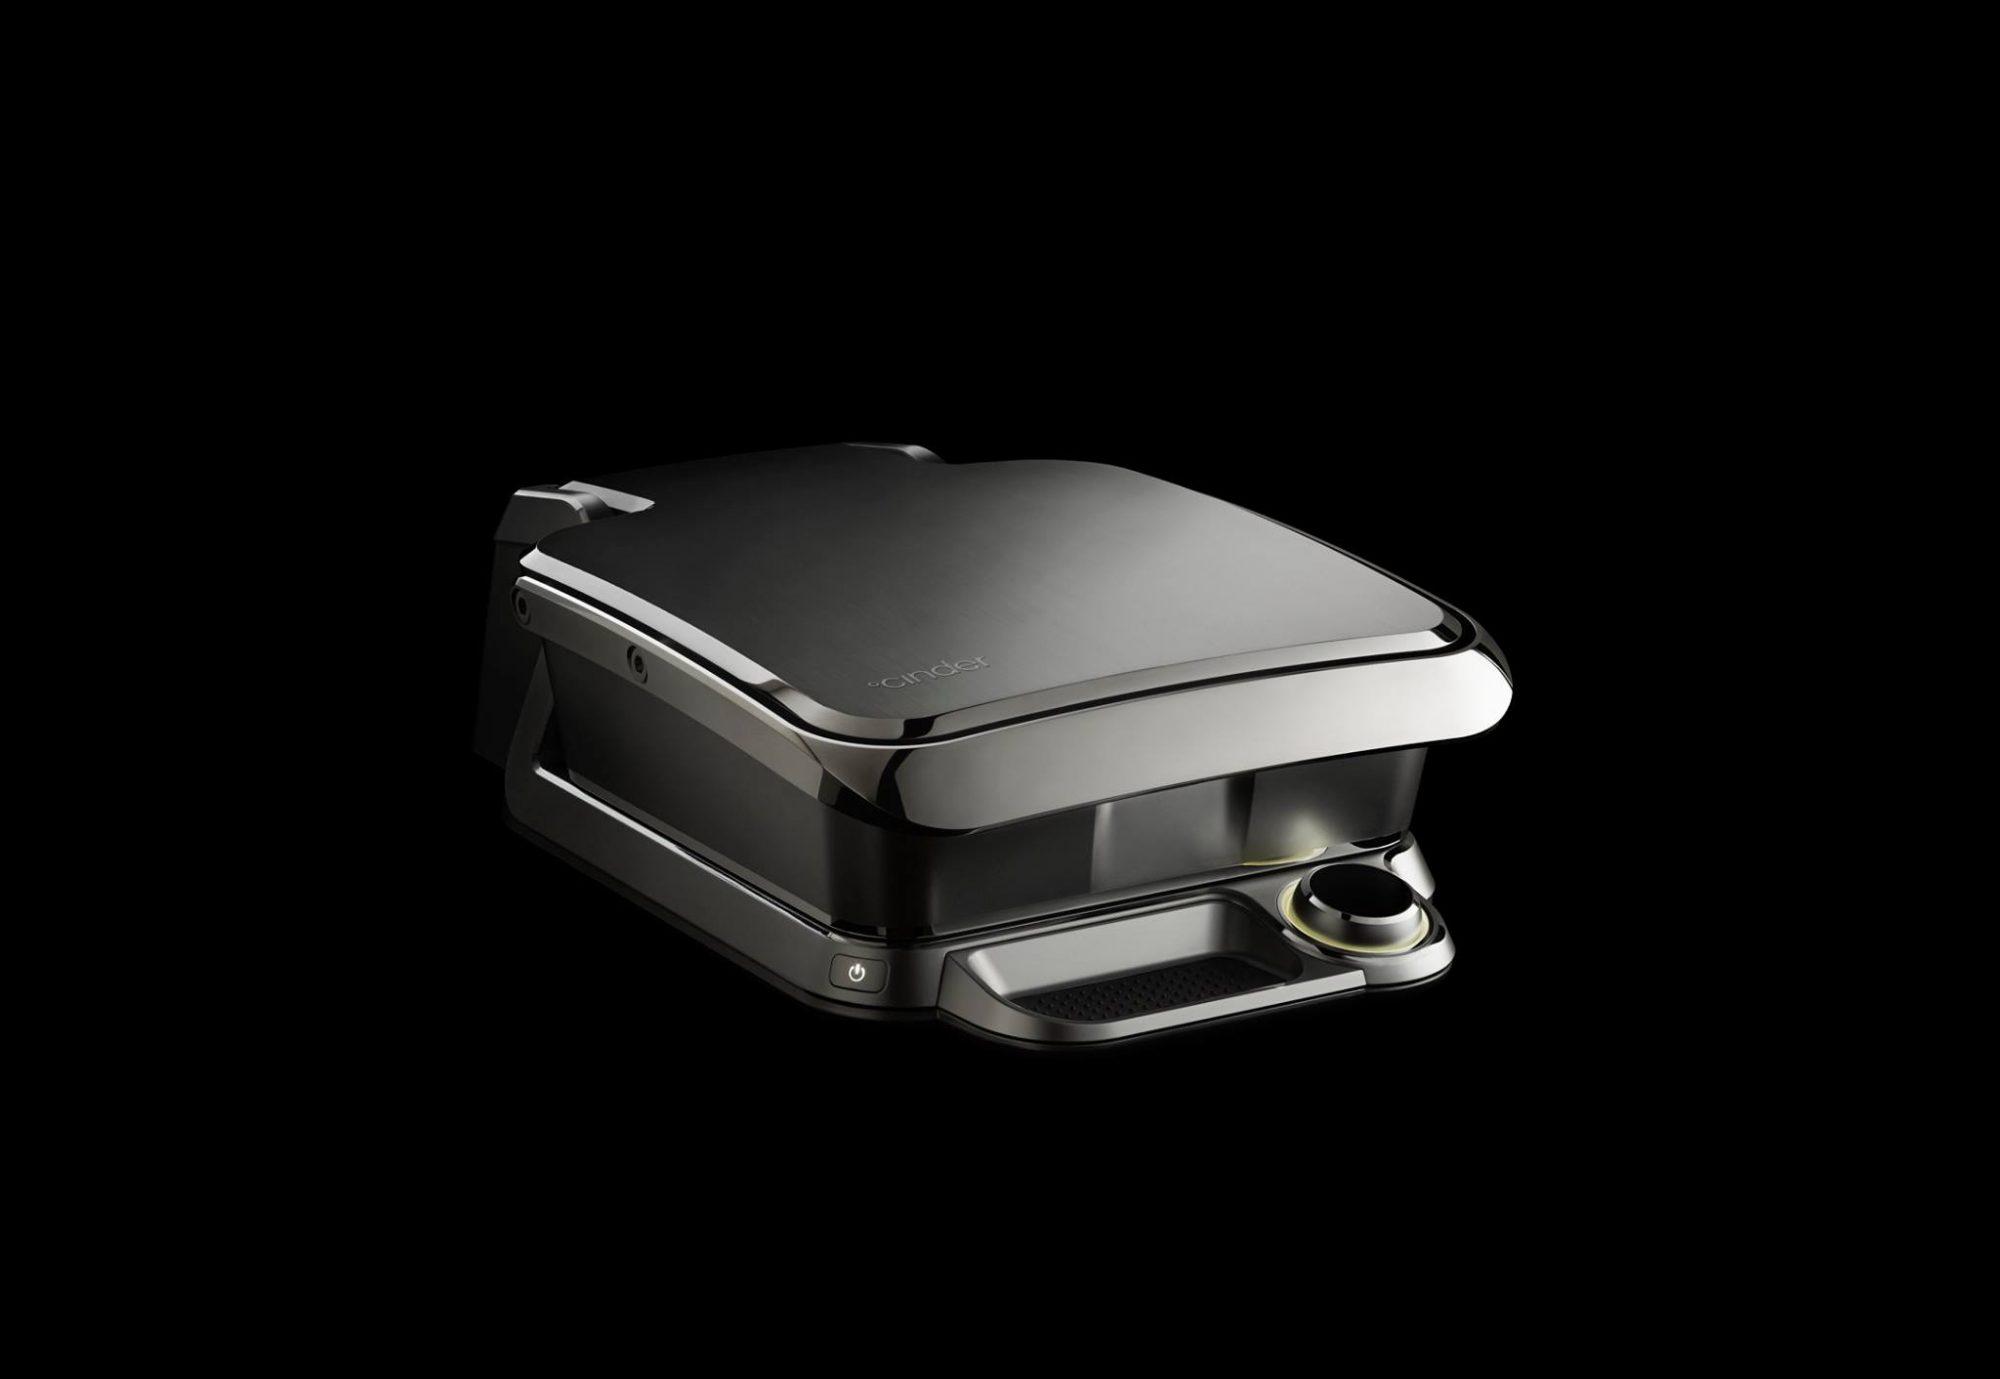 cinder-grill-image-2